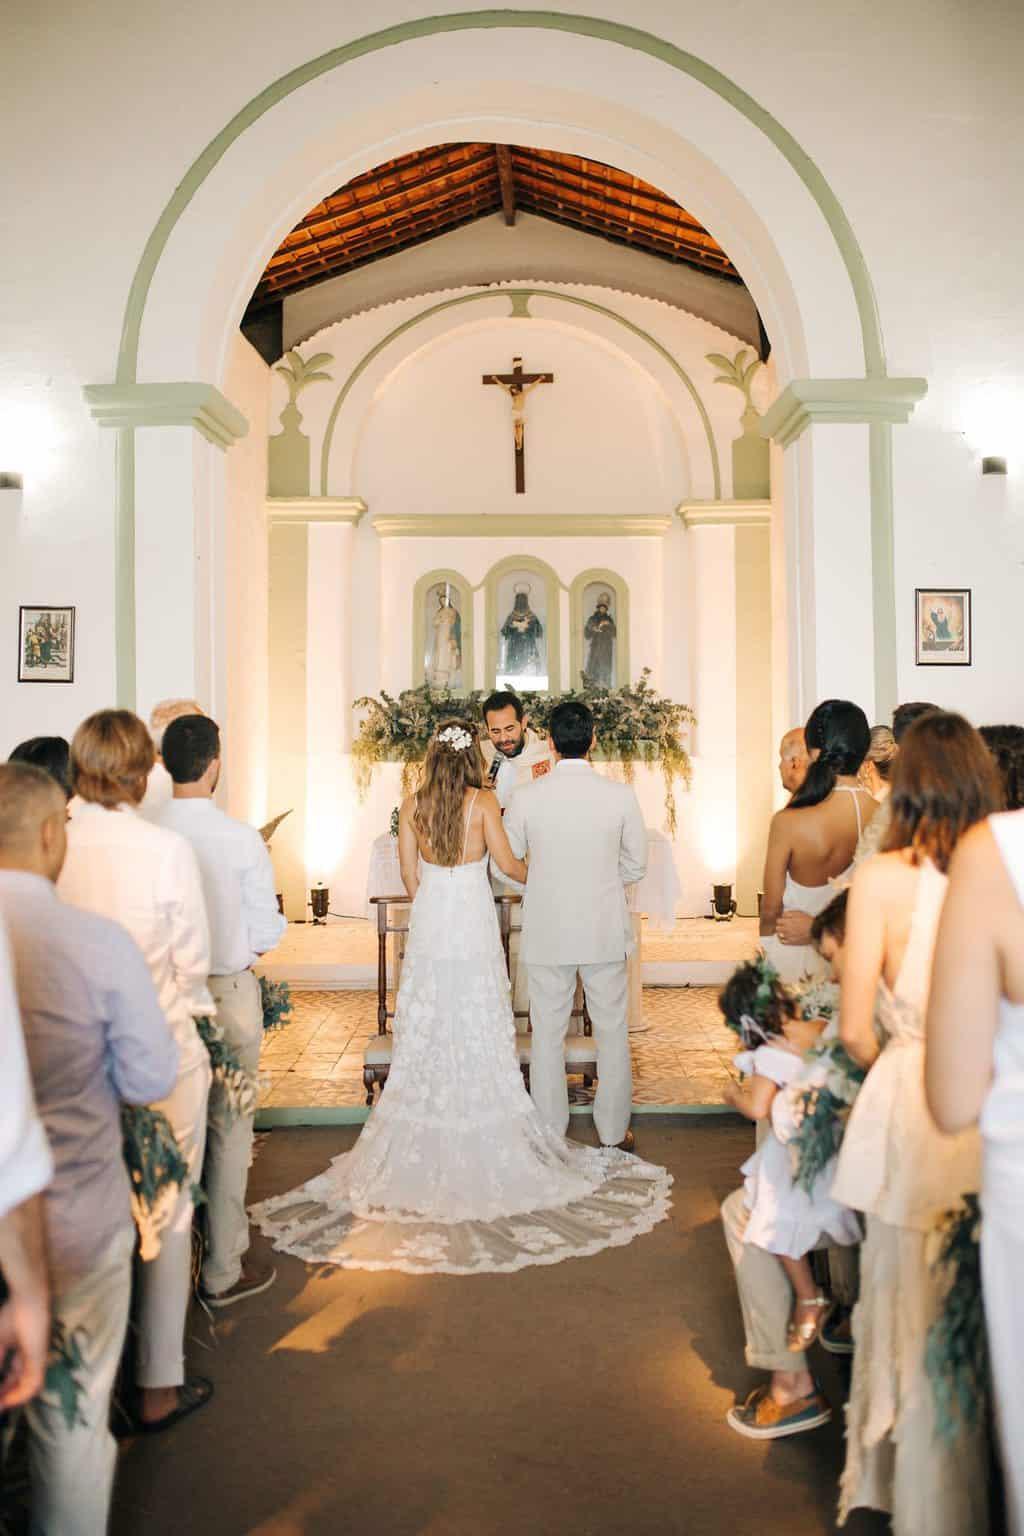 casamento-Danielle-e-Guilherme-aloha-fotografia-caseme-87